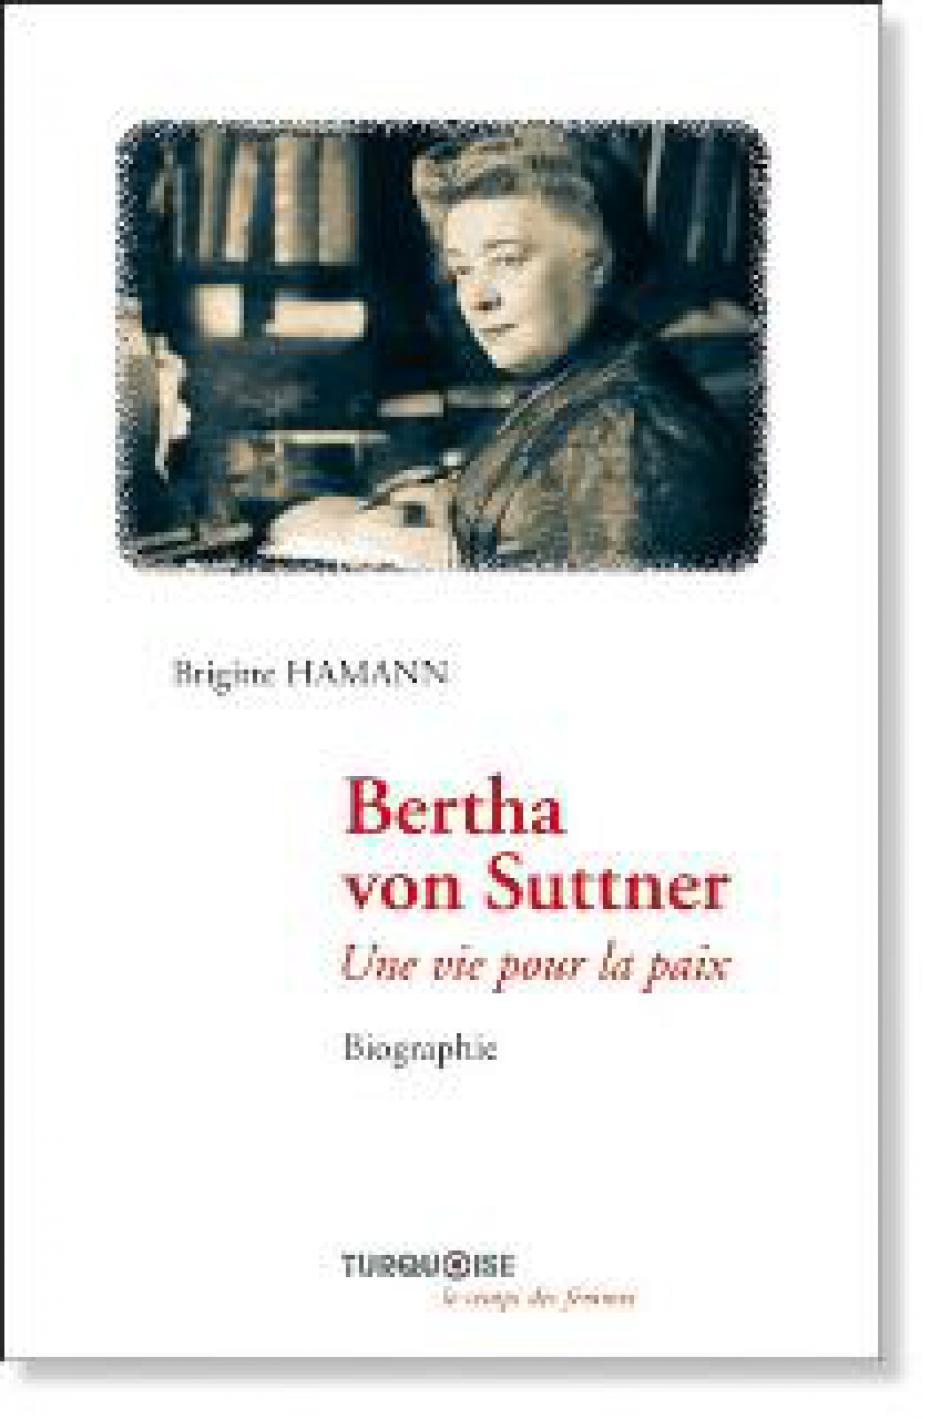 Bertha von Suttner : une vie pour la paix, Brigitte Hamann